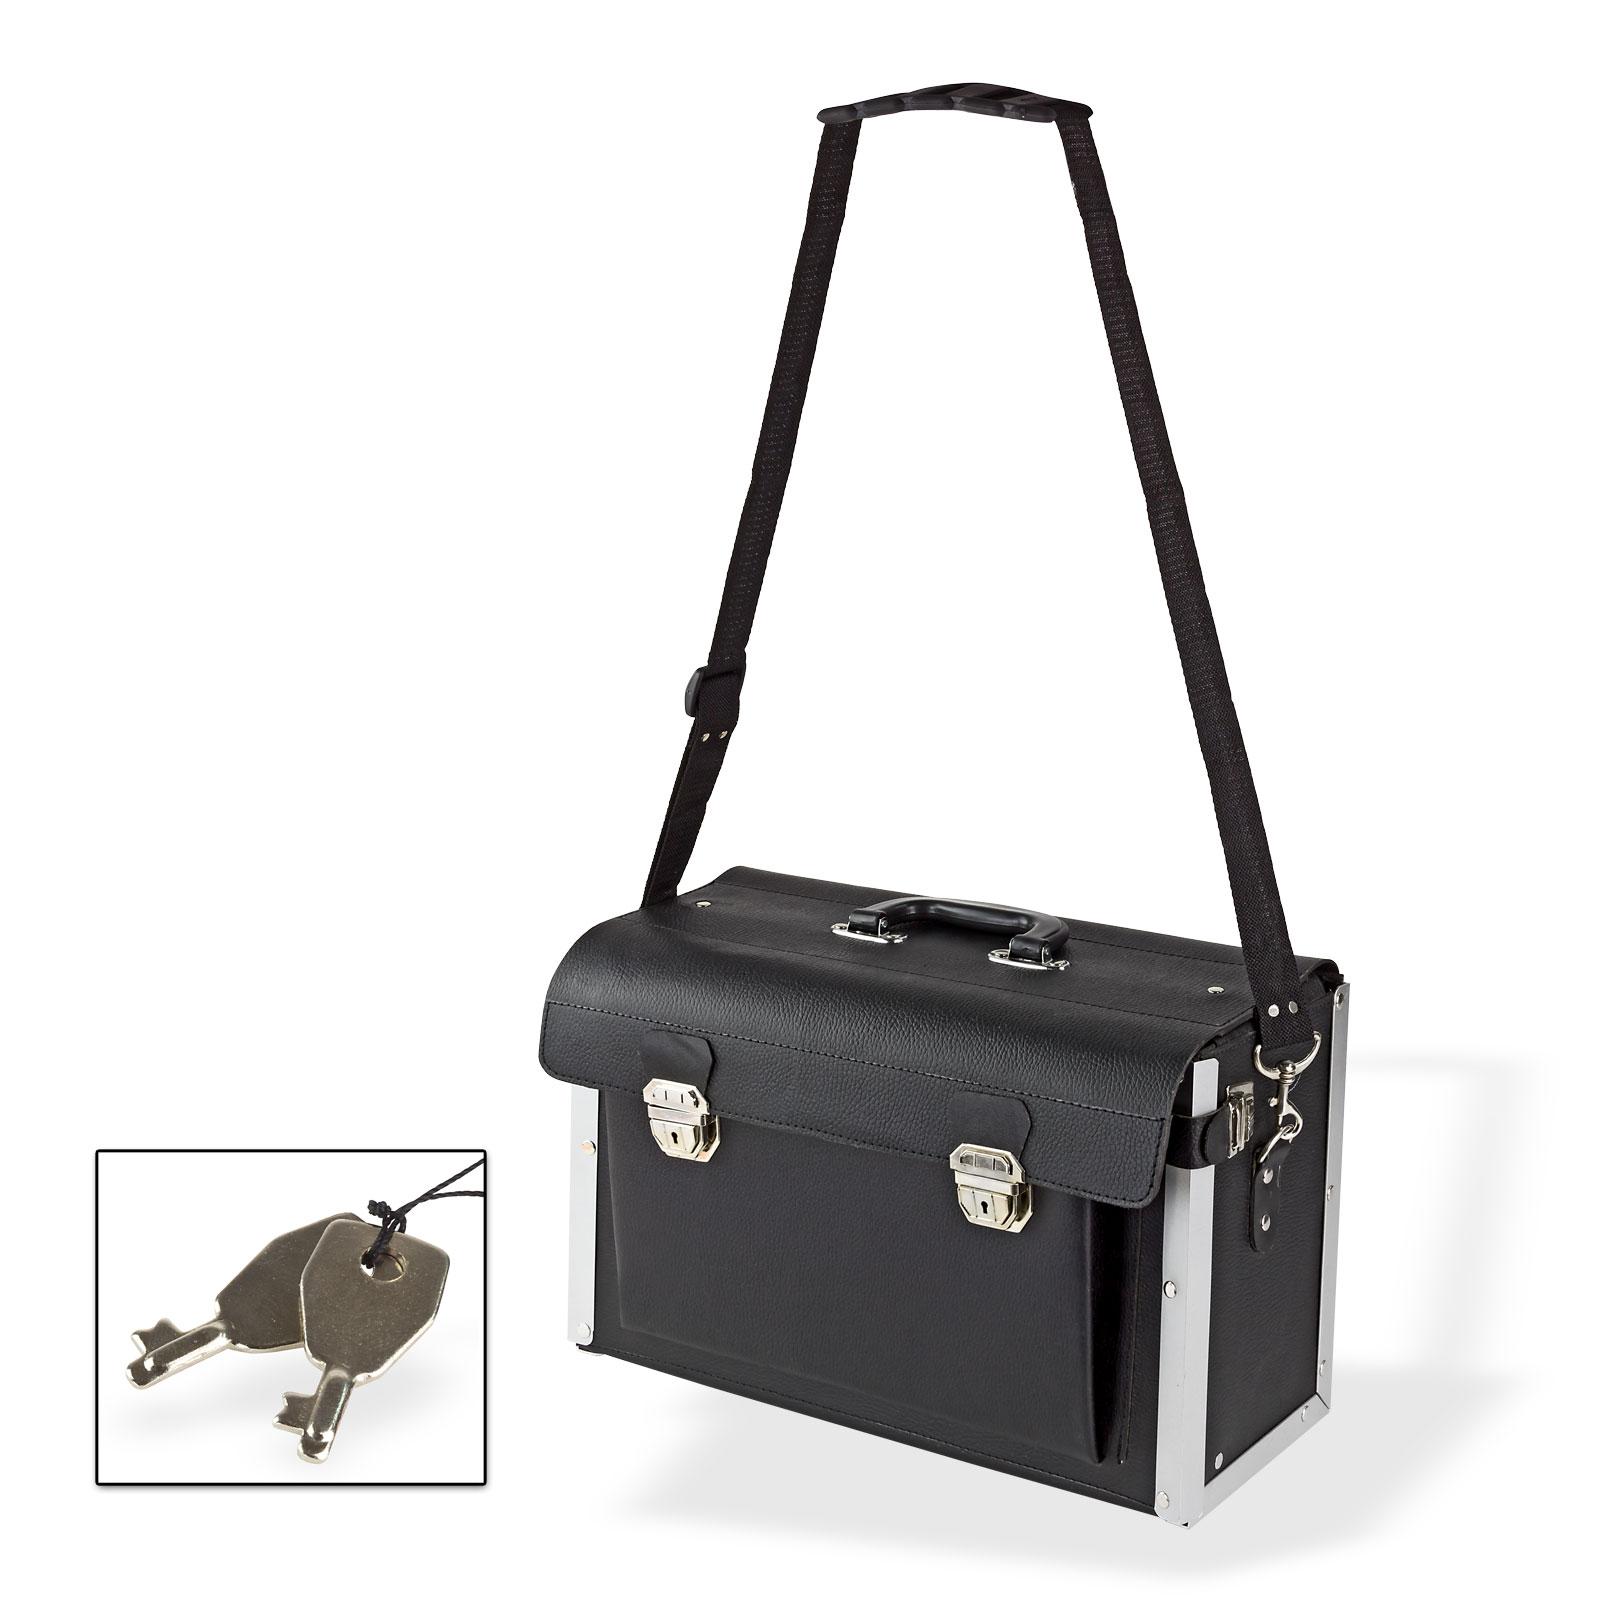 Dema Elektriker Leder Werkzeugkoffer Elektrikerkoffer Werkzeugtasche Koffer leer 20838